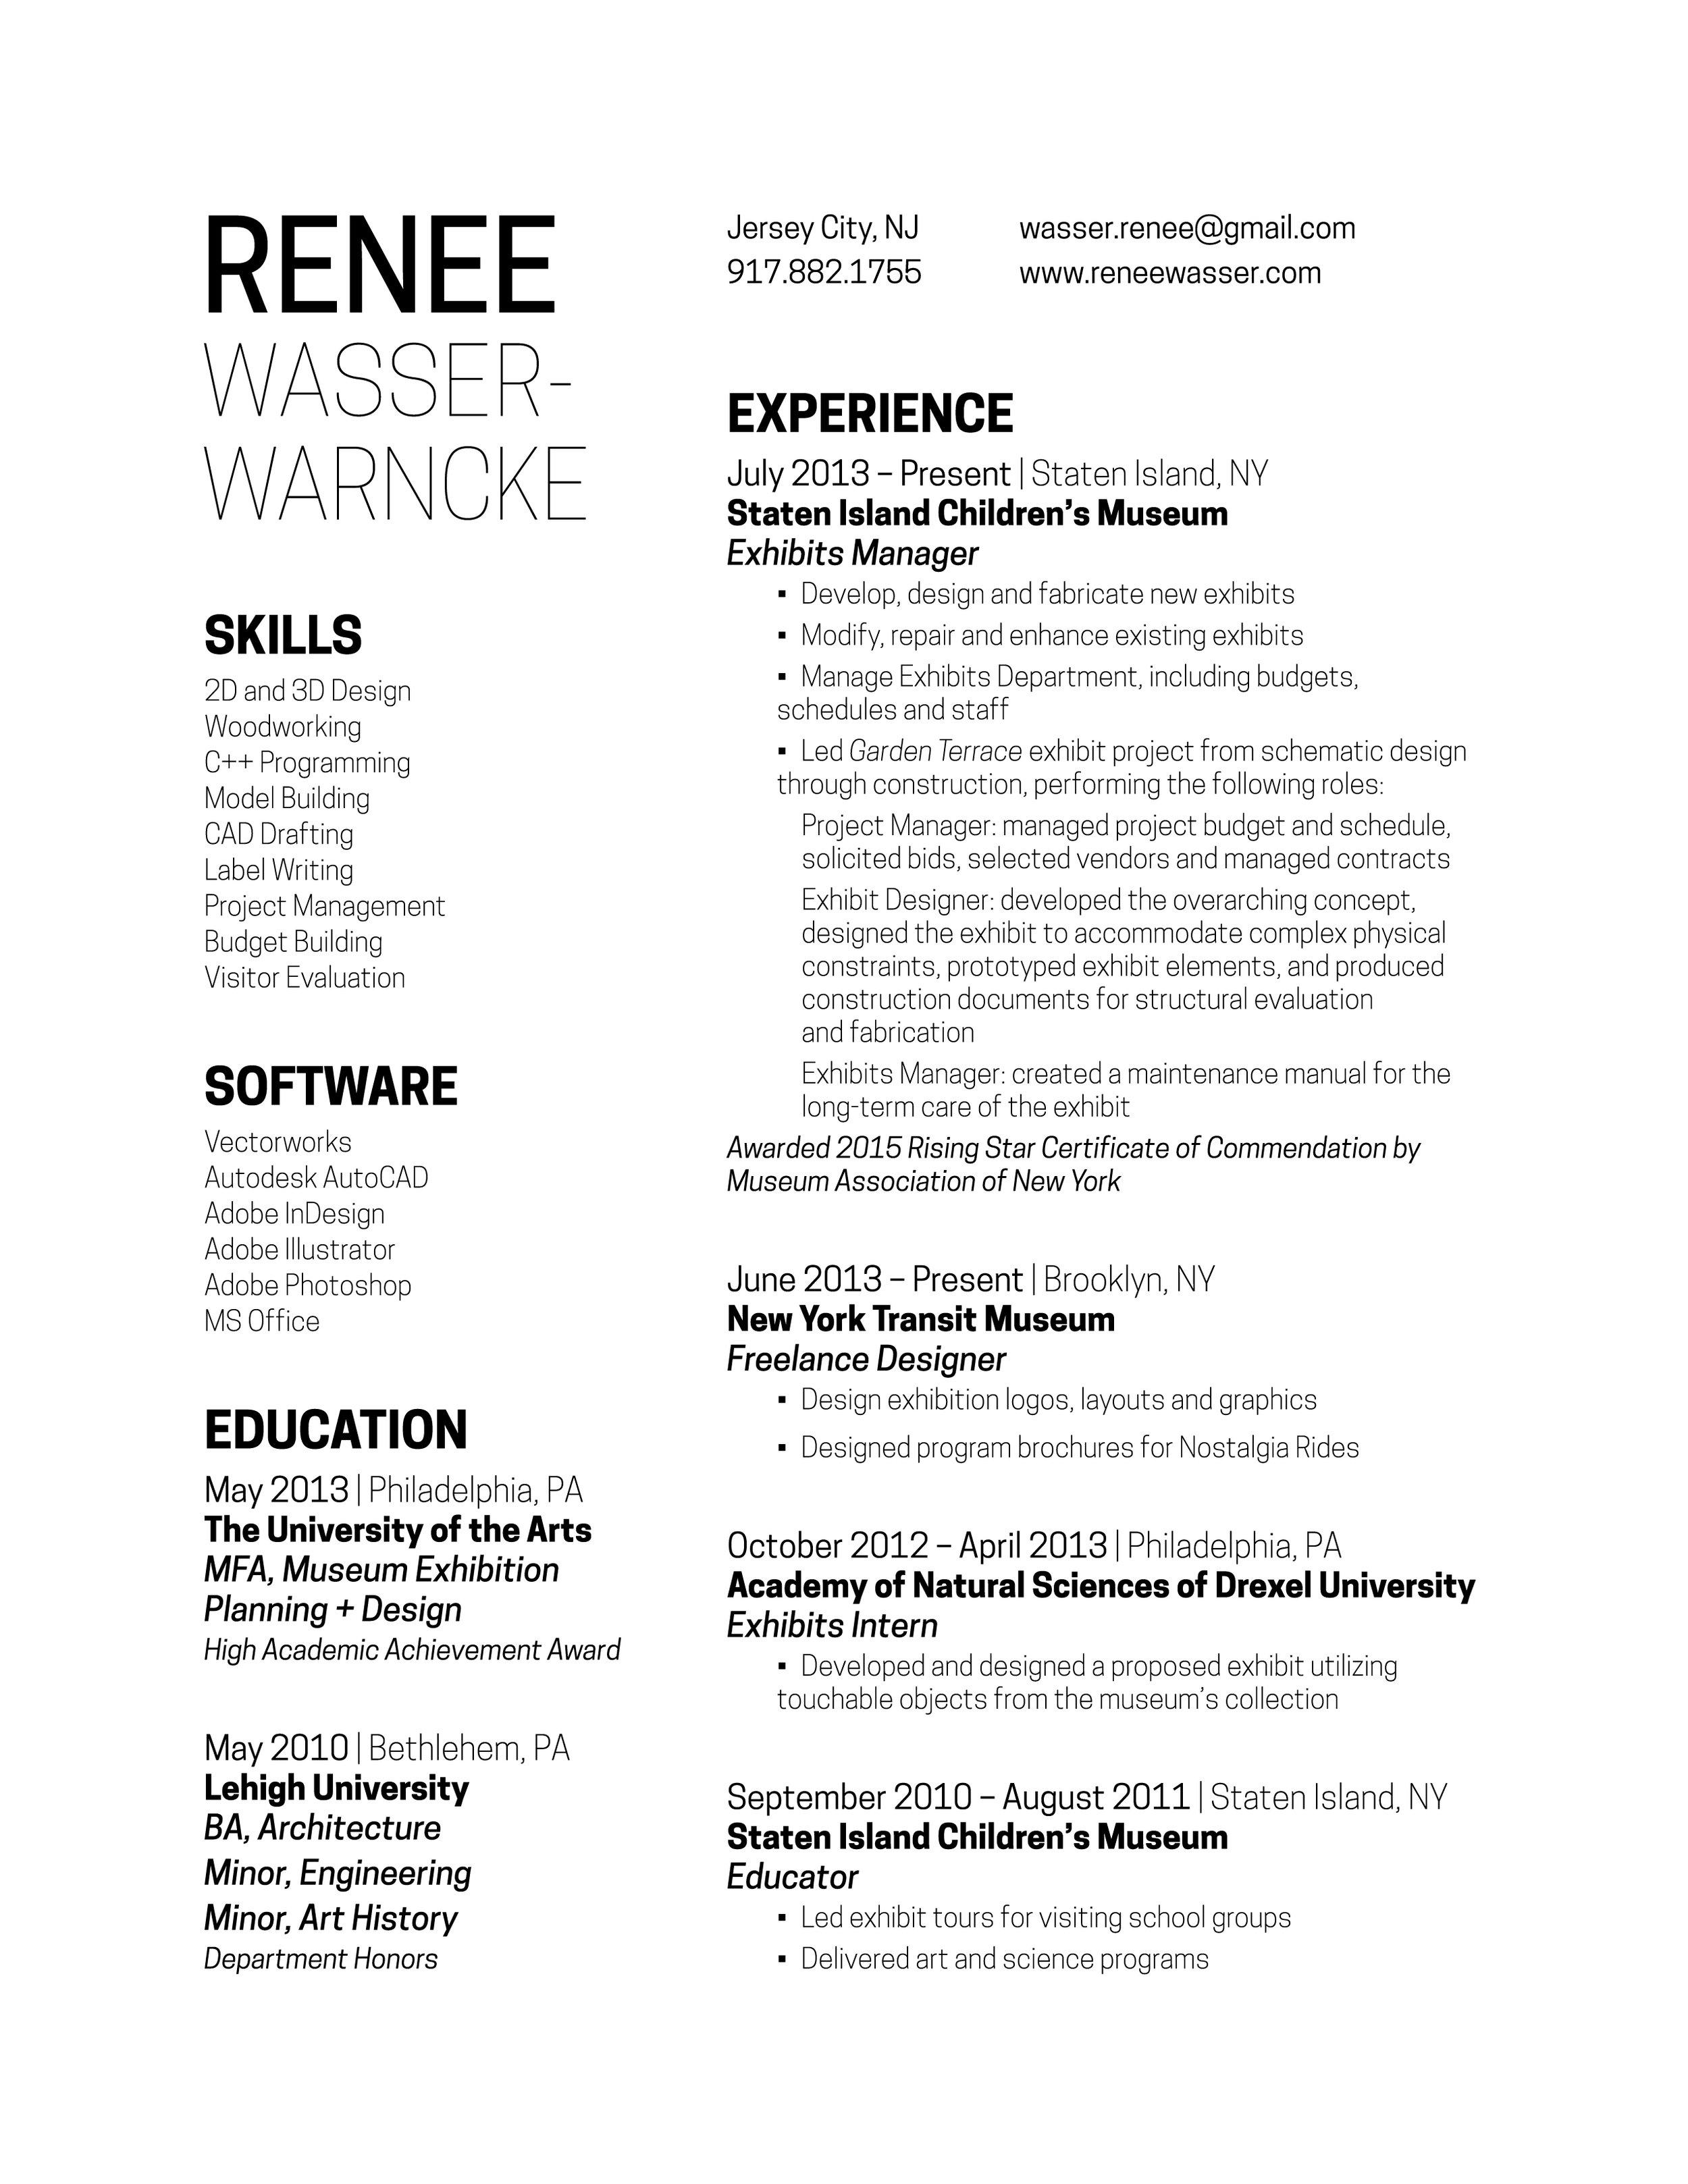 ReneeWasserWarncke_Resume.jpg